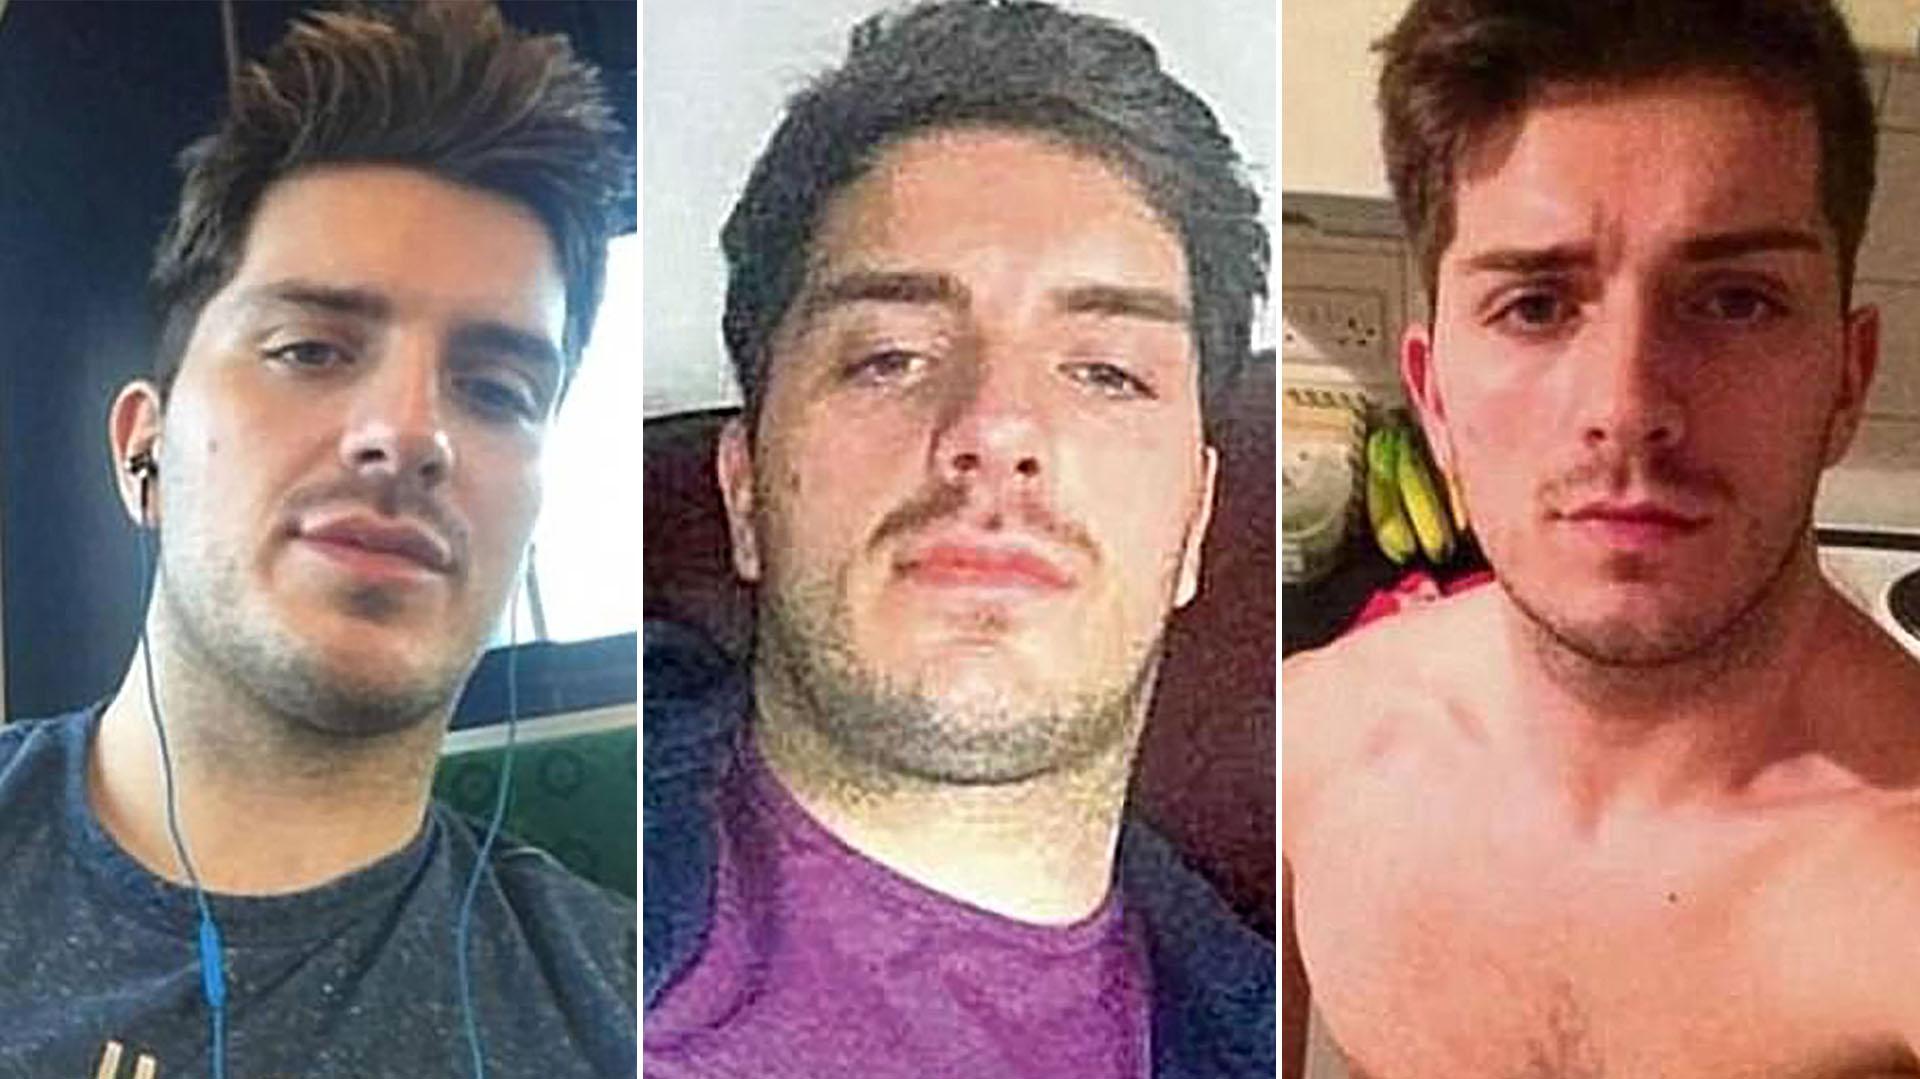 Daryll Rowe coordinaba por medio de una aplicación de celular las citas con sus amantes, a quienes engañaba teniendo sexo sin protección